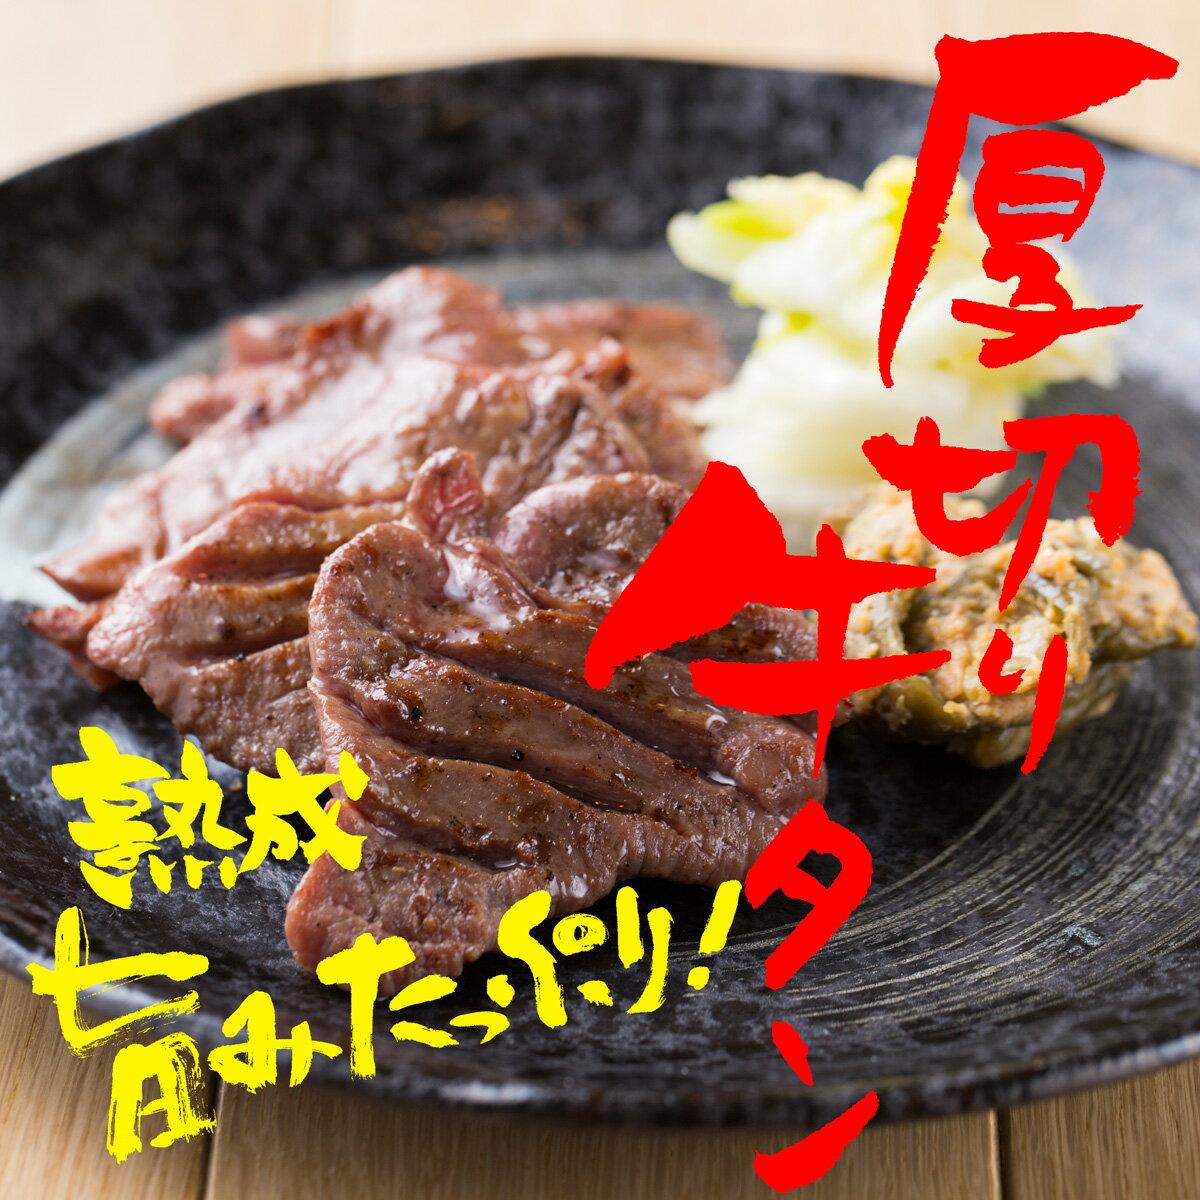 【ふるさと納税】極厚!!厚切牛タン600g塩味